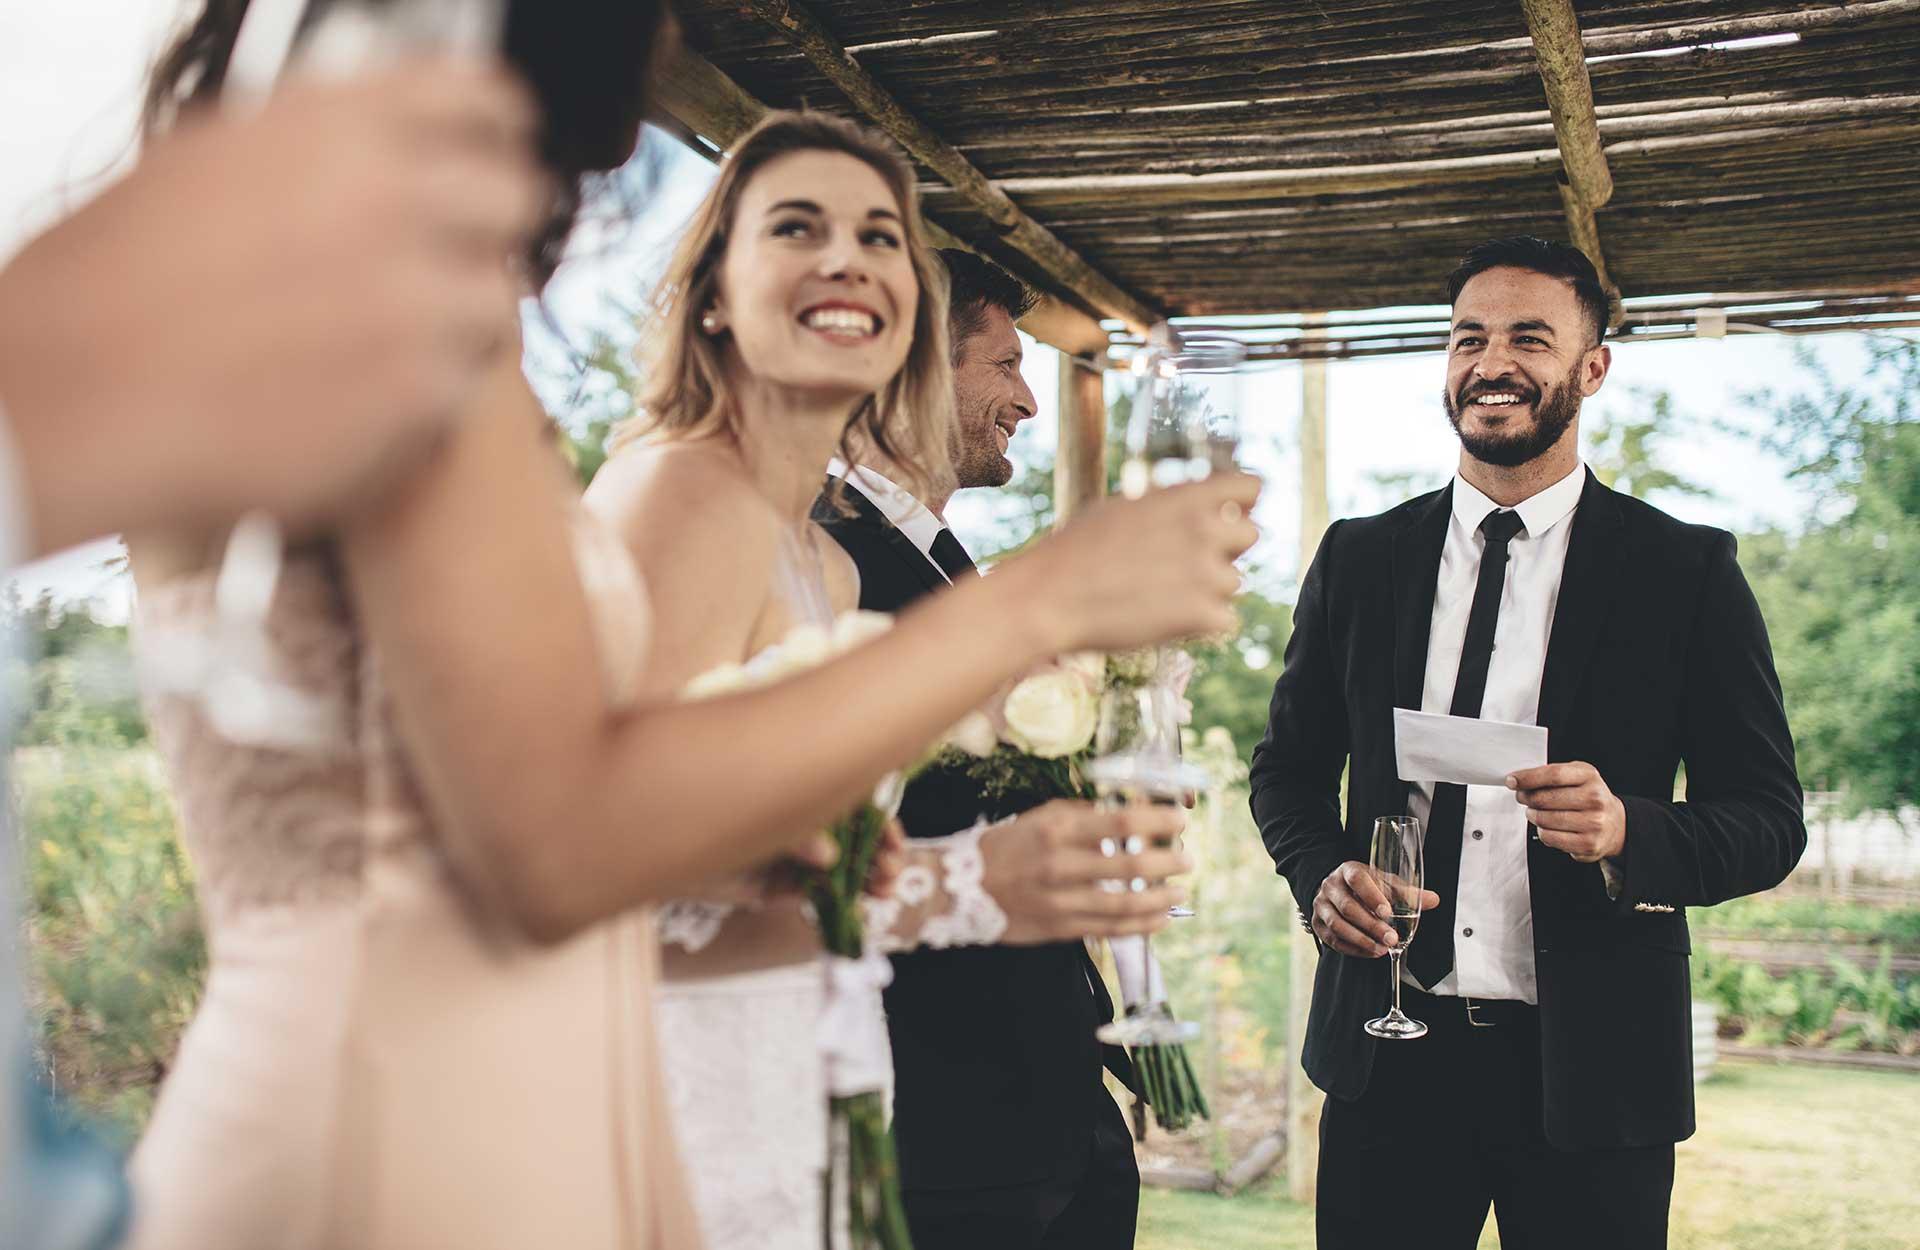 bryllupsfest toastmaster